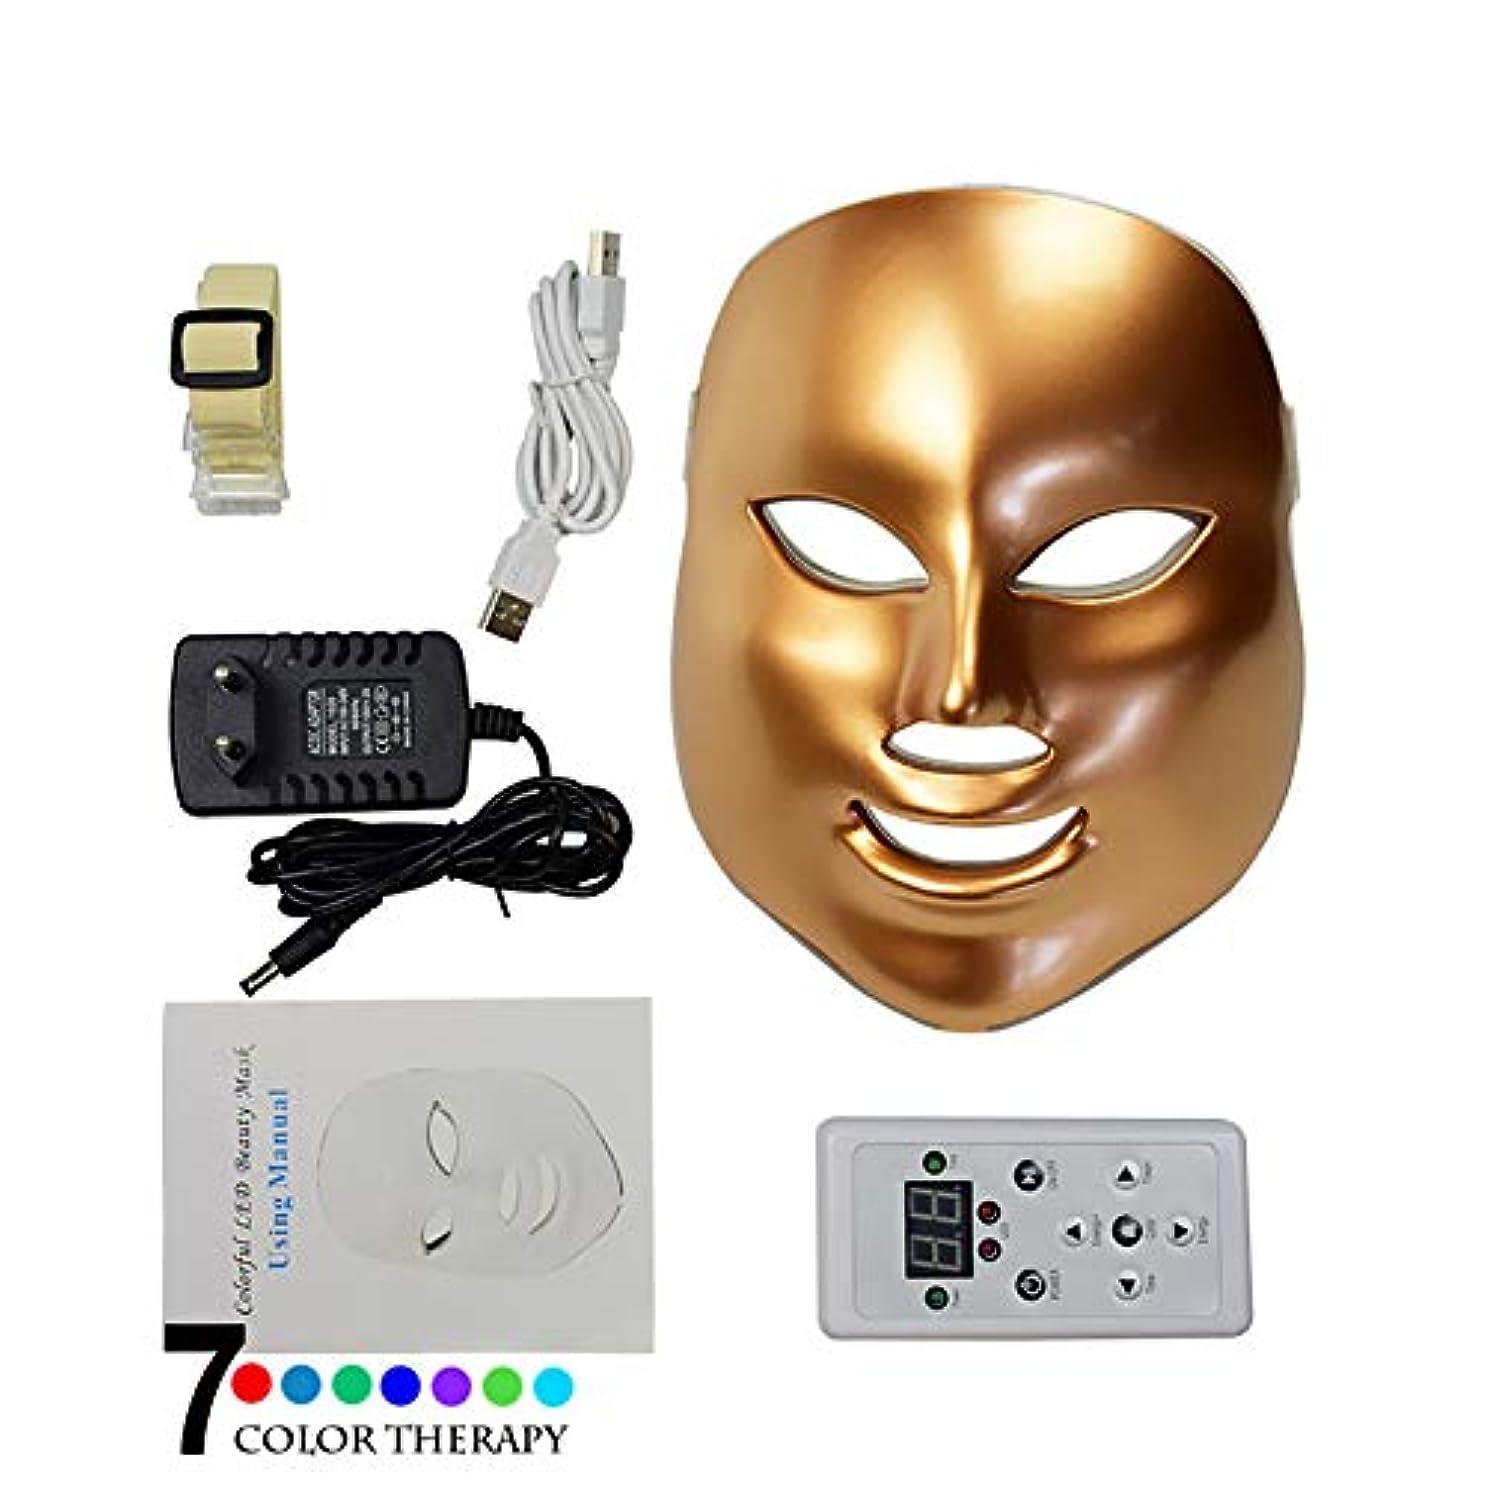 測定男らしさ位置する7色LEDフェイスマスク、7色LEDスキン光線療法器具、健康的な肌の若返りのためのレッドライトセラピー、アンチエイジング、しわ、瘢痕化,Gold